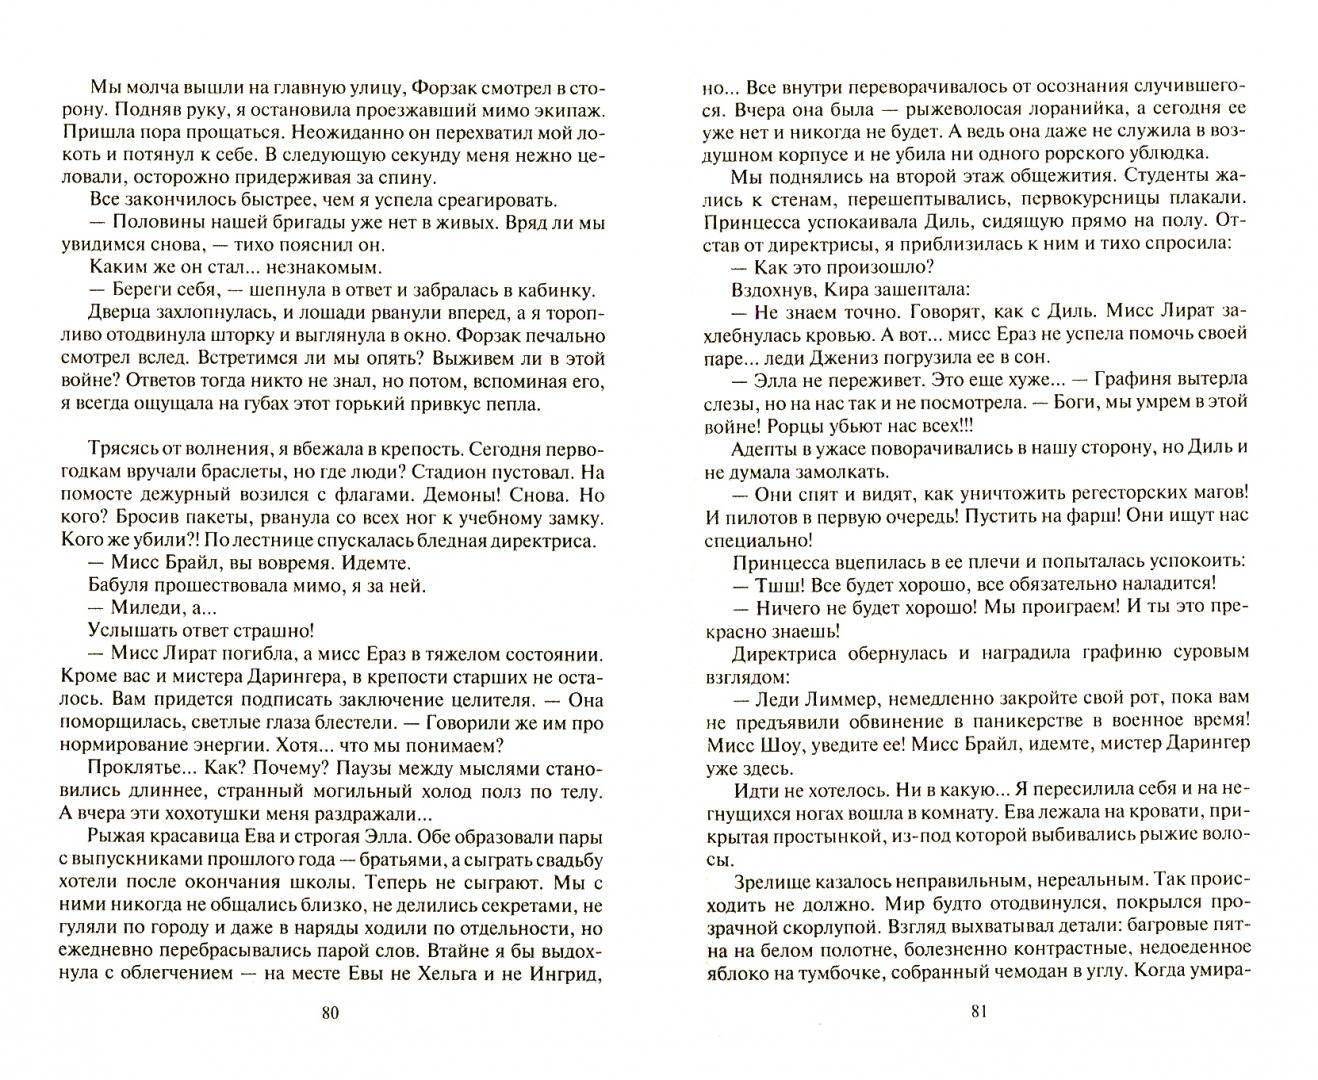 Иллюстрация 1 из 28 для Мастер полета - Мария Быстрова | Лабиринт - книги. Источник: Лабиринт